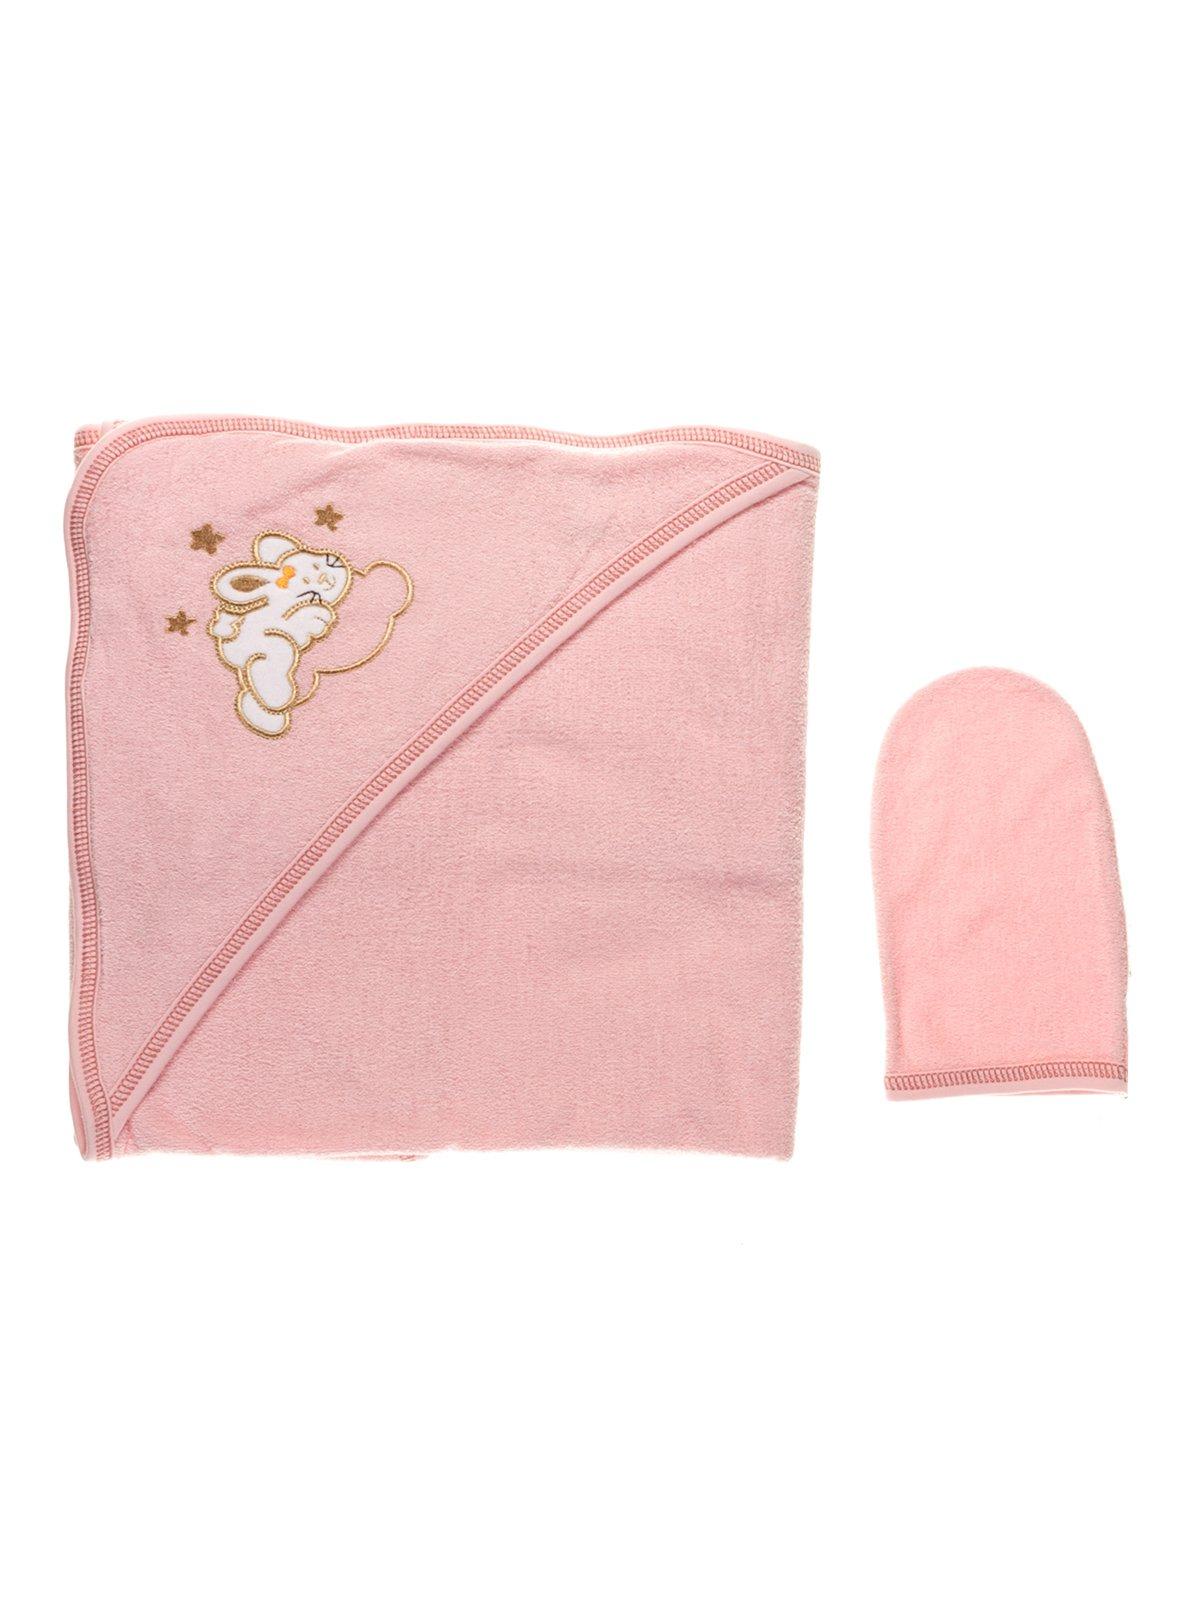 Комплект для купания: полотенце-уголок и рукавичка   2930138